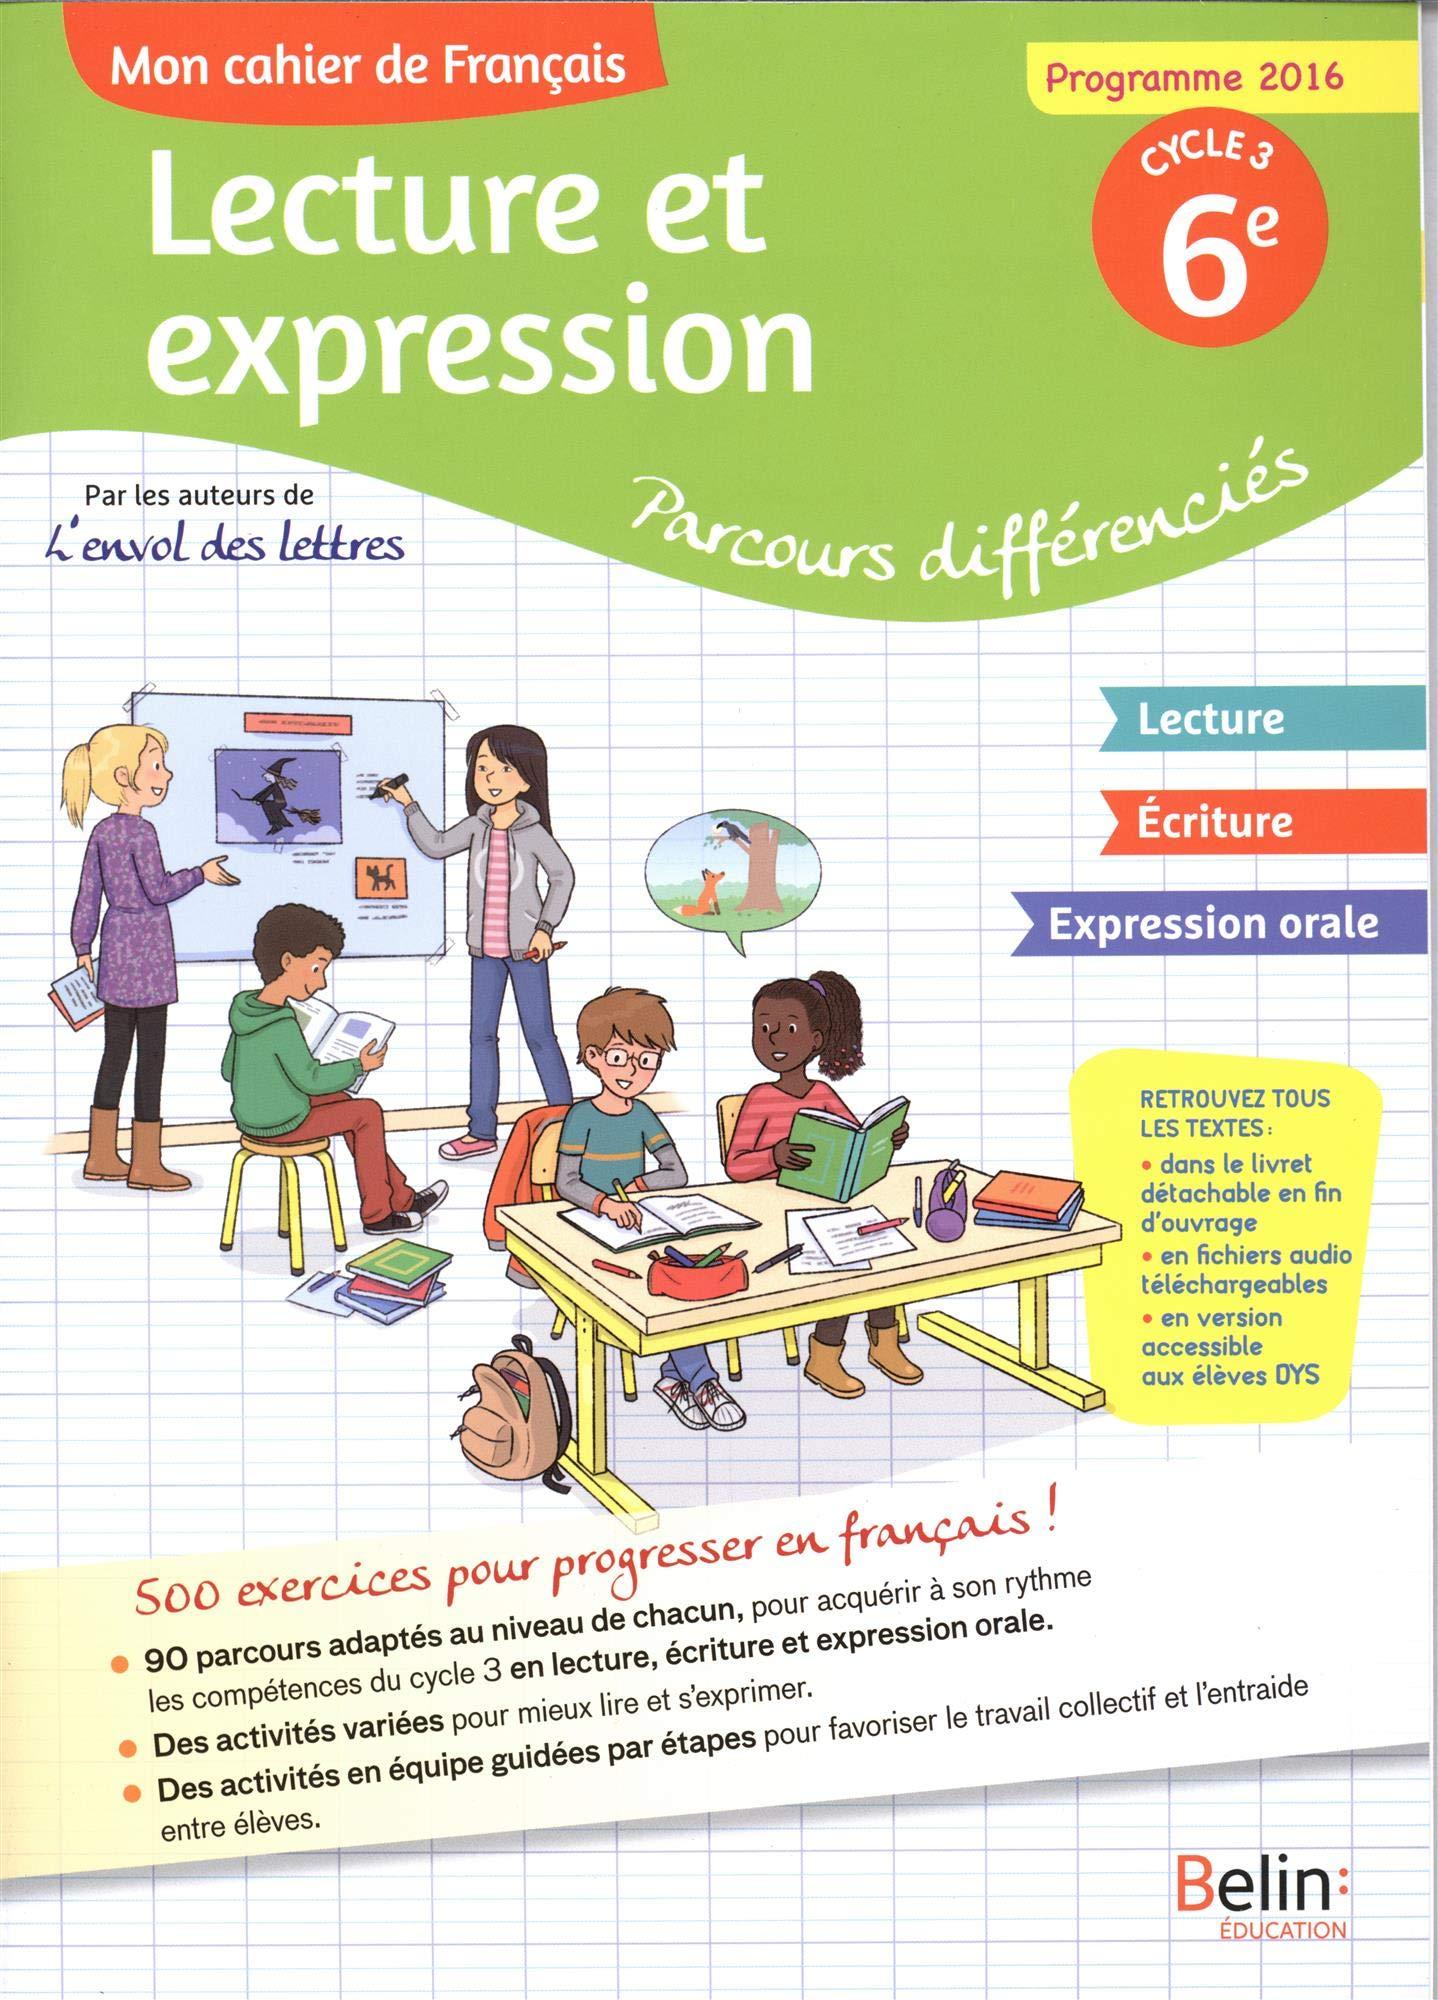 Mon Cahier De Francais Lecture Et Expression Parcours